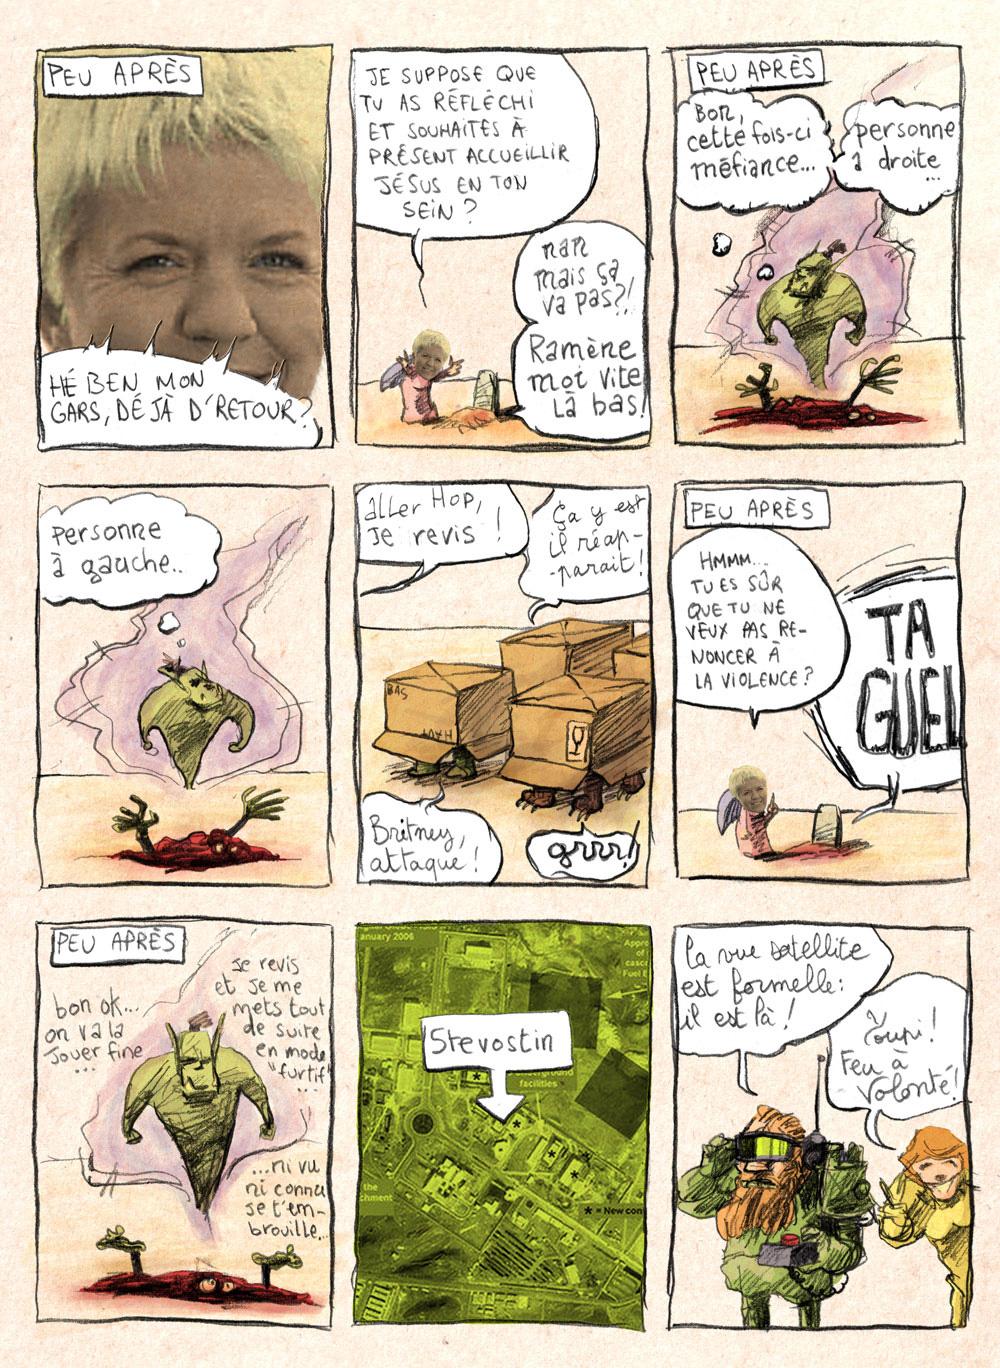 Aventures de Stevostin, tome 1 : La Porte Sombre. Planche 35.